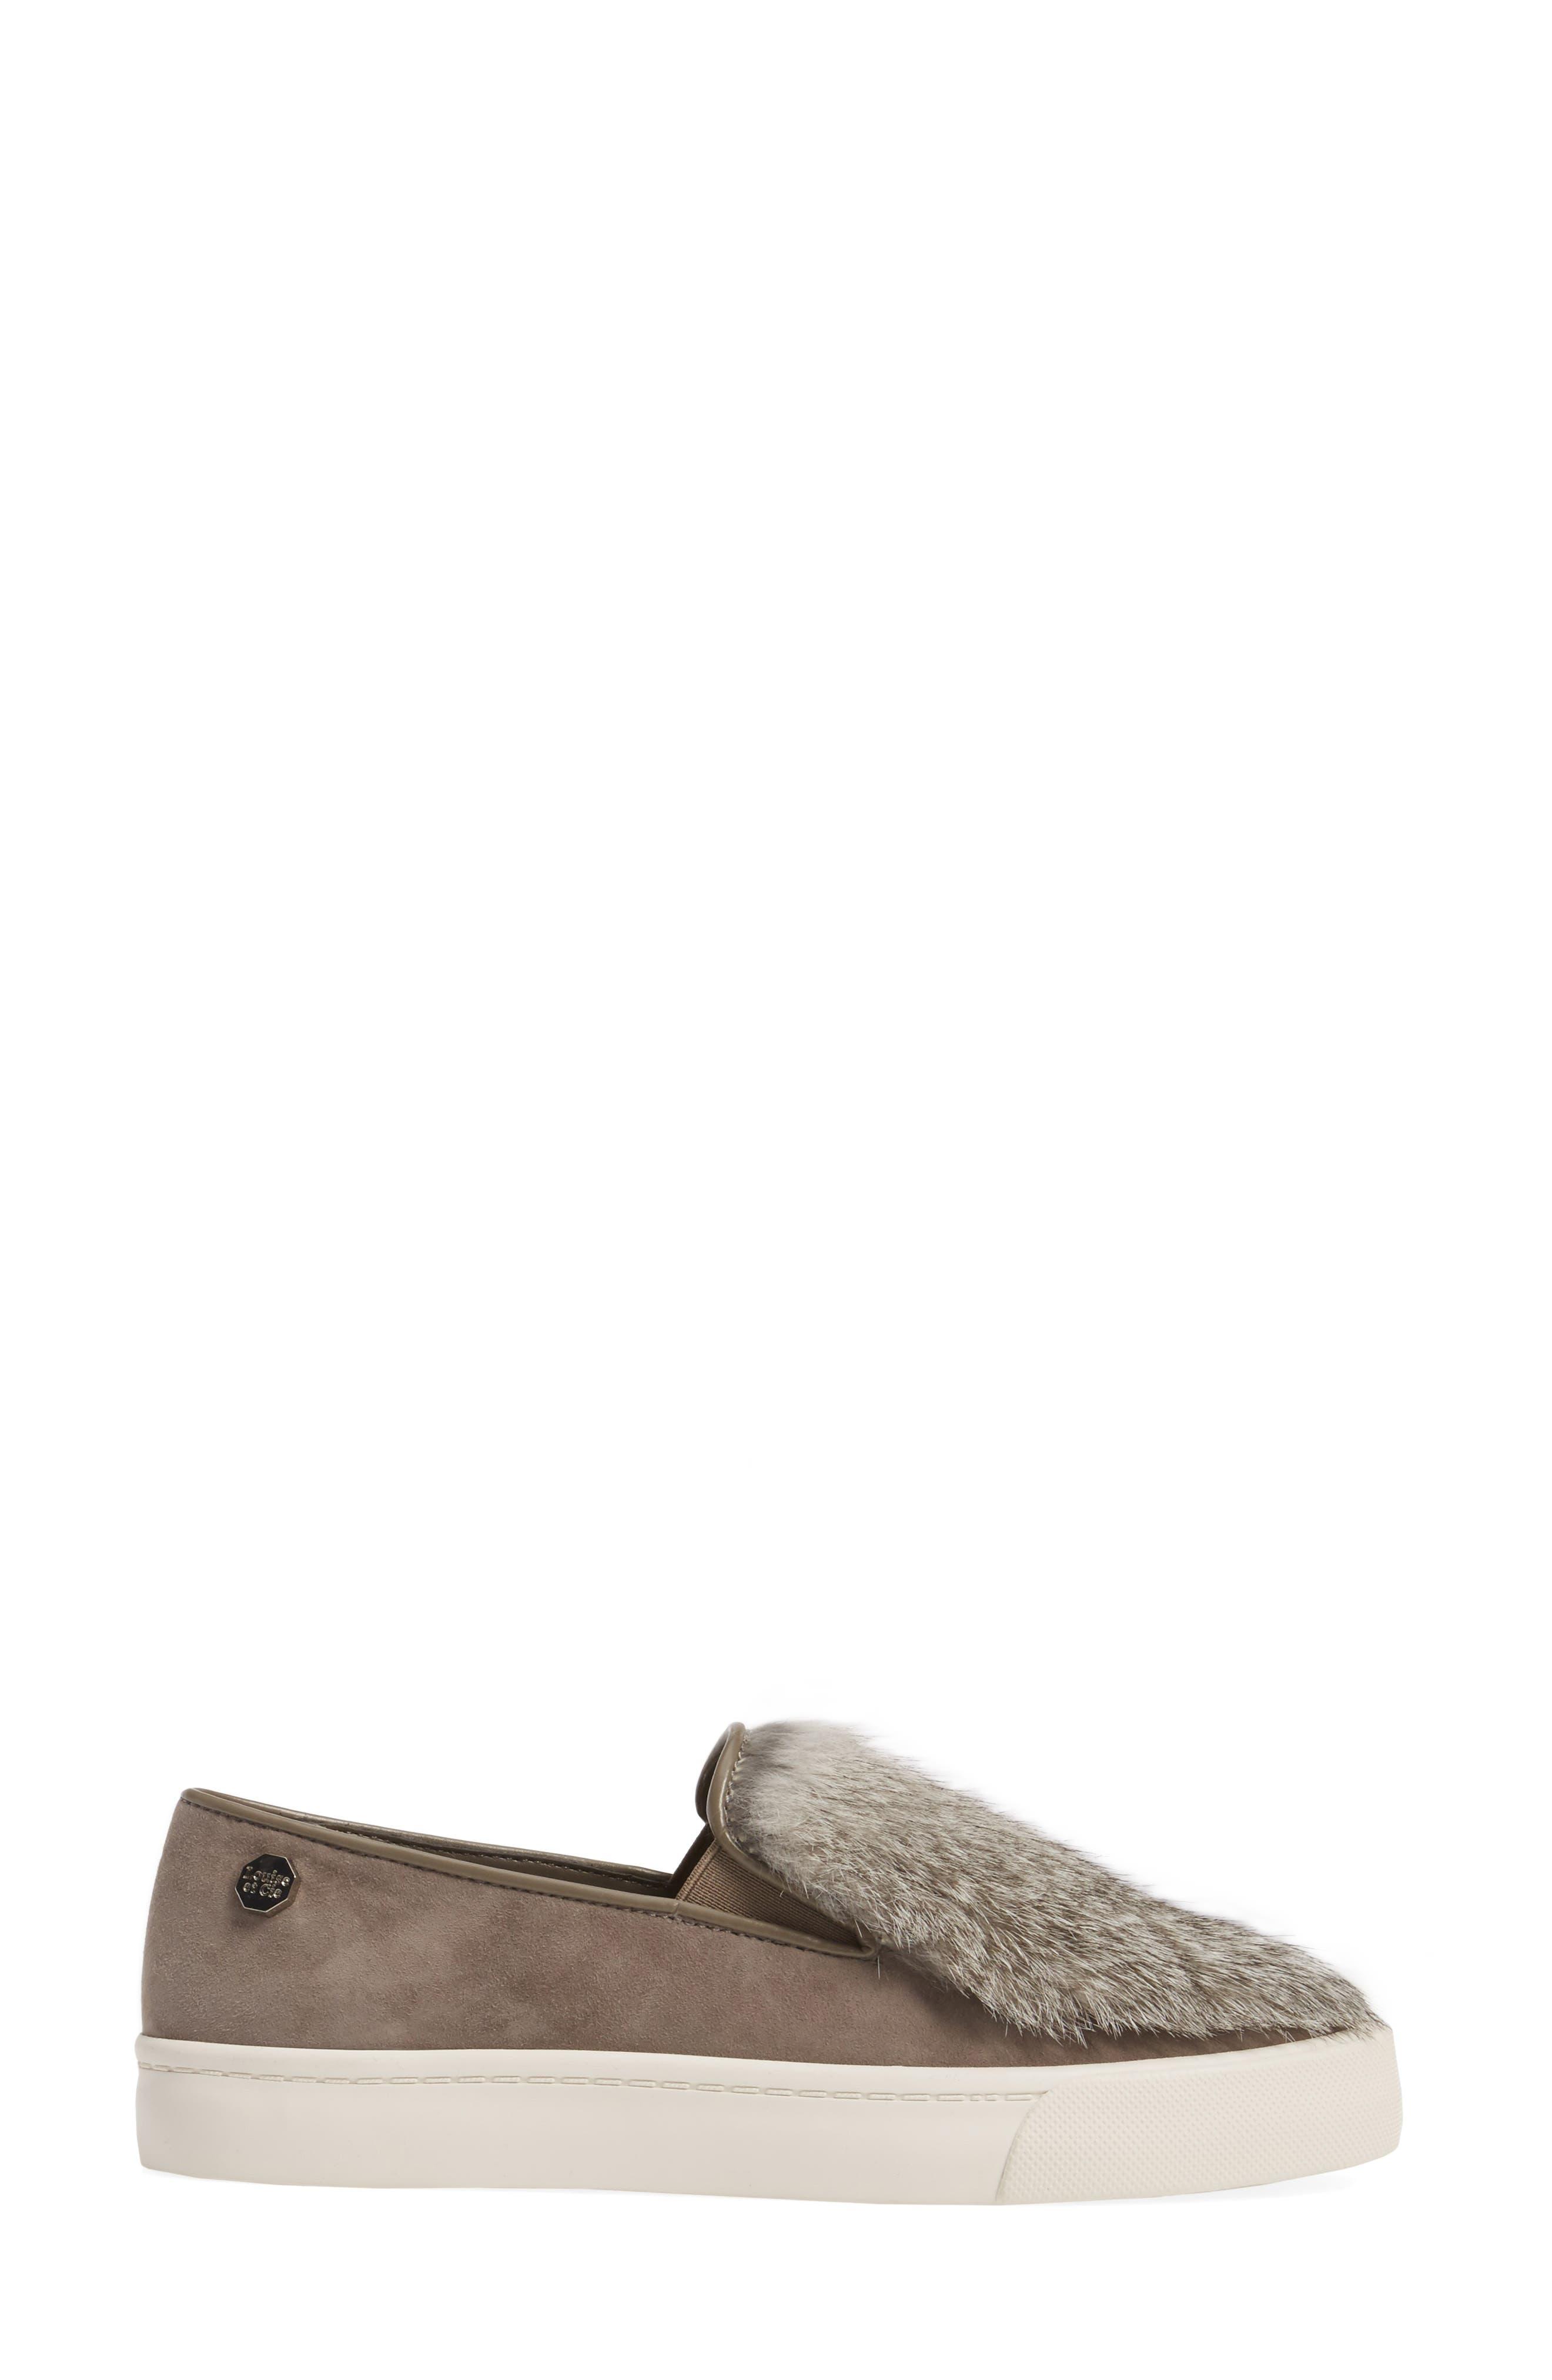 Alternate Image 3  - Louise et Cie Bershner Genuine Rabbit Fur Slip-On Sneaker (Women)